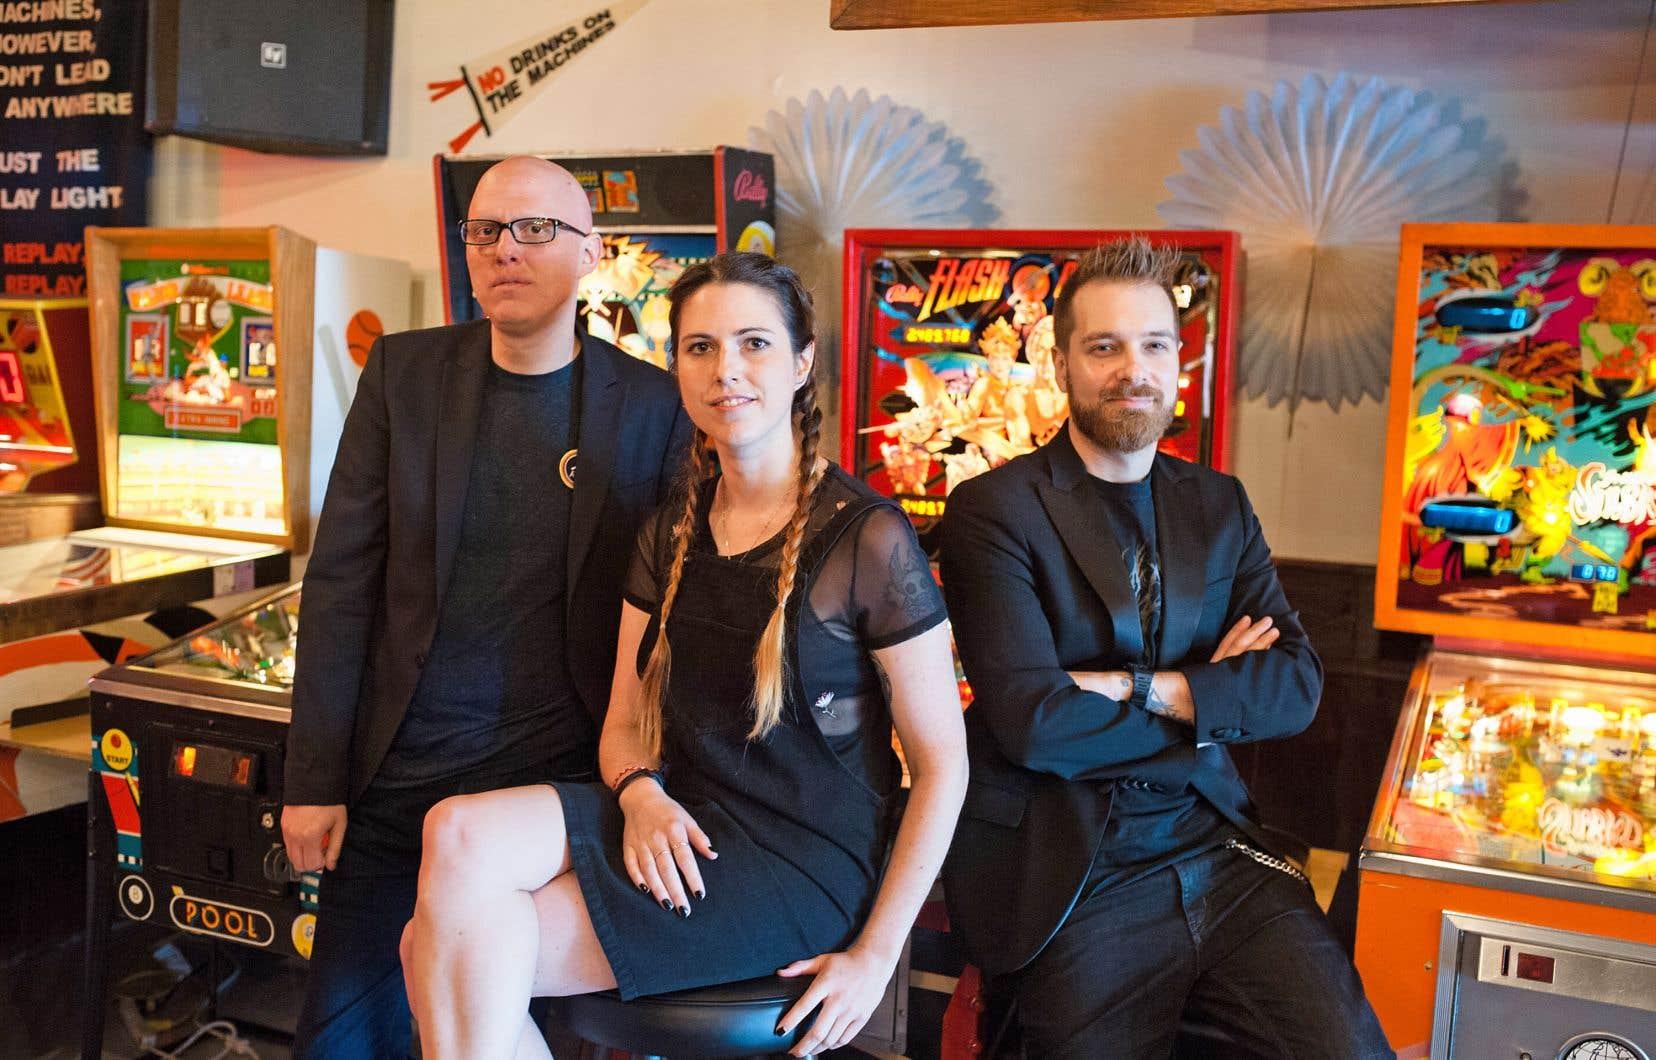 Yoann-Karl Whissell, Anouk Whissell et François Simard, qui constituent le collectif RKSS (Road Kill Superstars), reviennent avec un thriller plus ancré dans le réel, trois ans après l'acclamée odyssée geek dystopique «Turbo Kid».